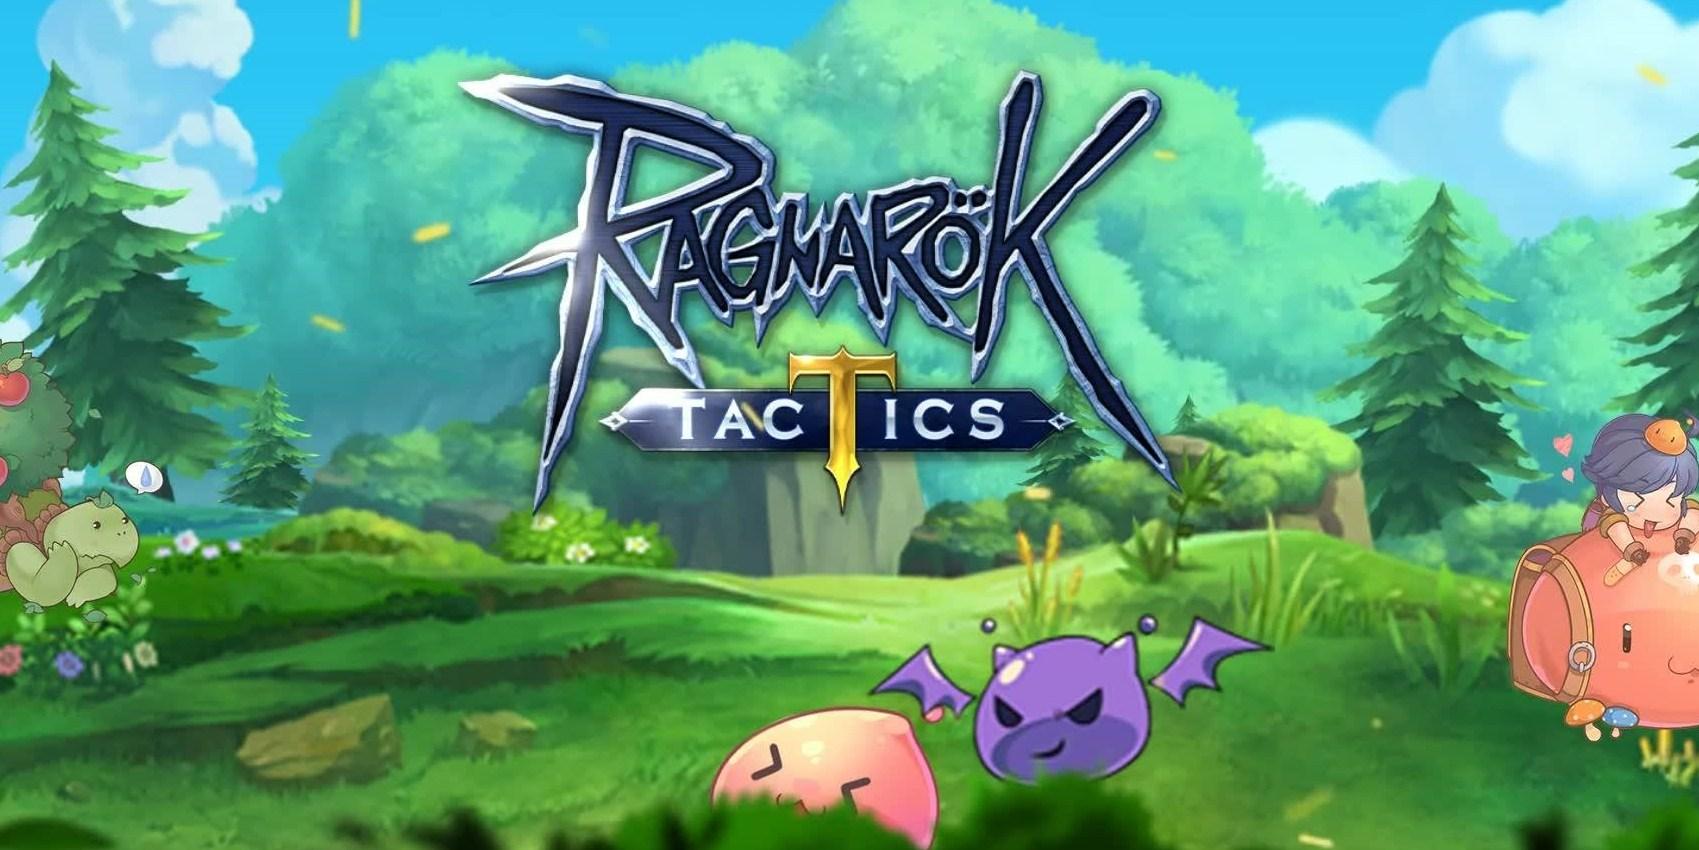 เรียนรู้ระบบตัวละคร Ragnarok Tactics รู้ไว้ จะได้ไม่จัดทีมแป๊ก